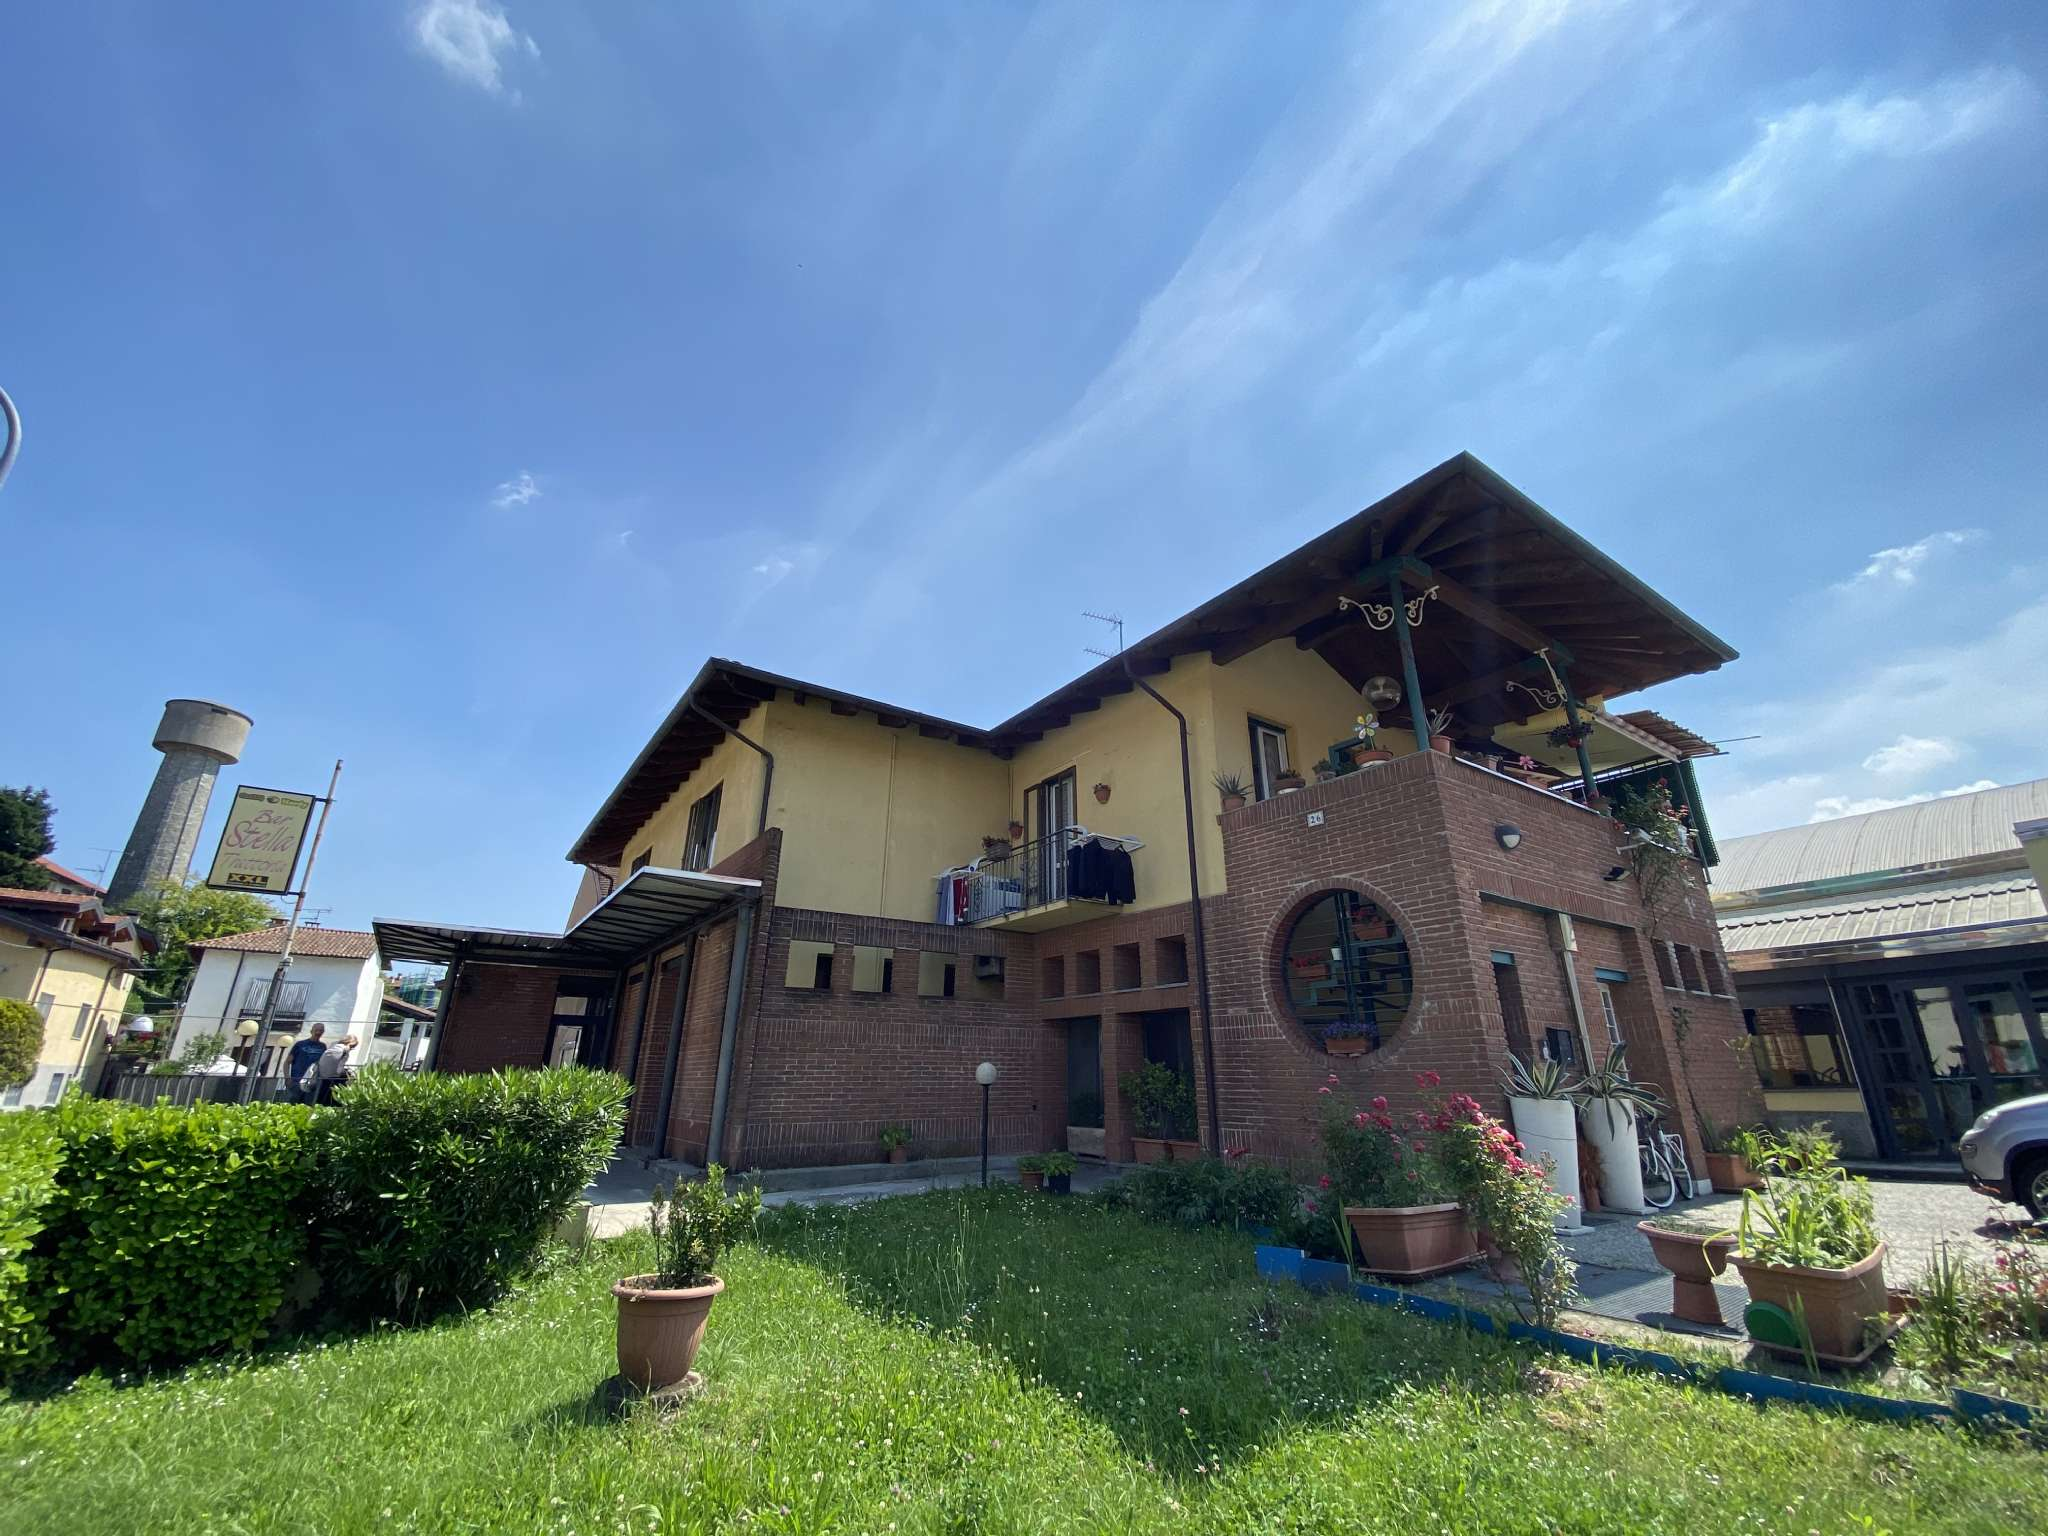 Negozio / Locale in vendita a Arona, 9999 locali, prezzo € 185.000 | CambioCasa.it